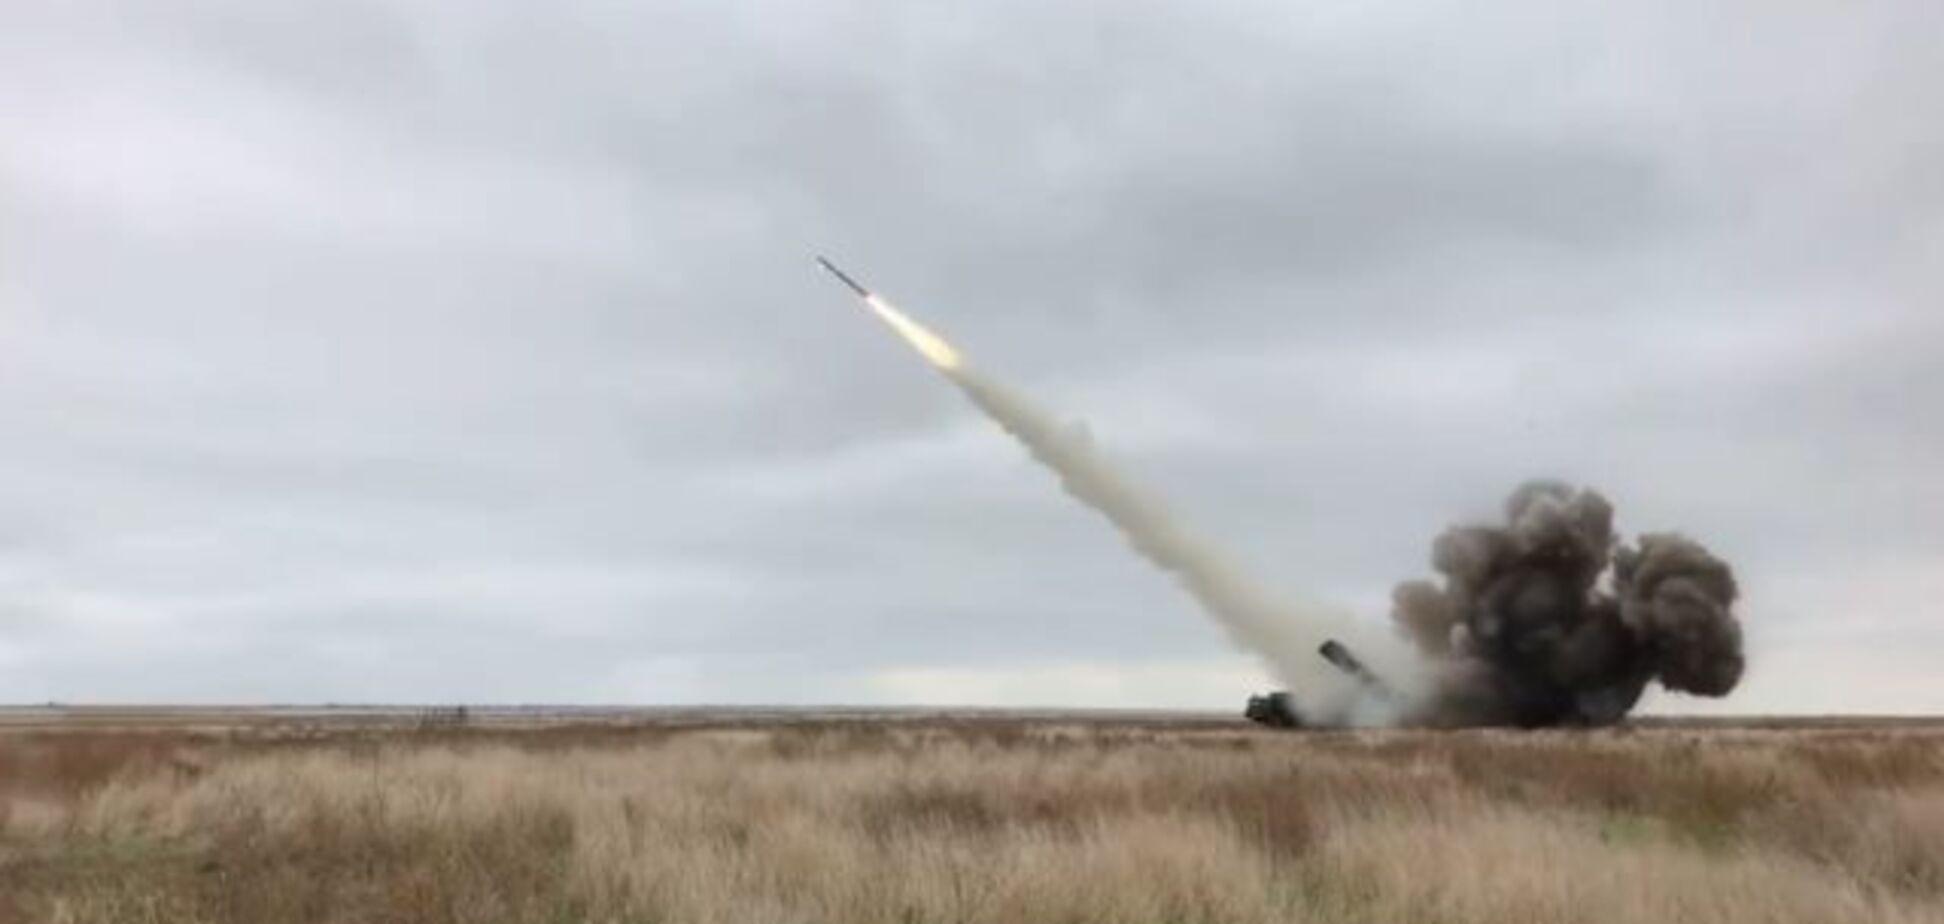 Фронтовик рассказал, почему наступление на Украину вылезет оккупантам боком